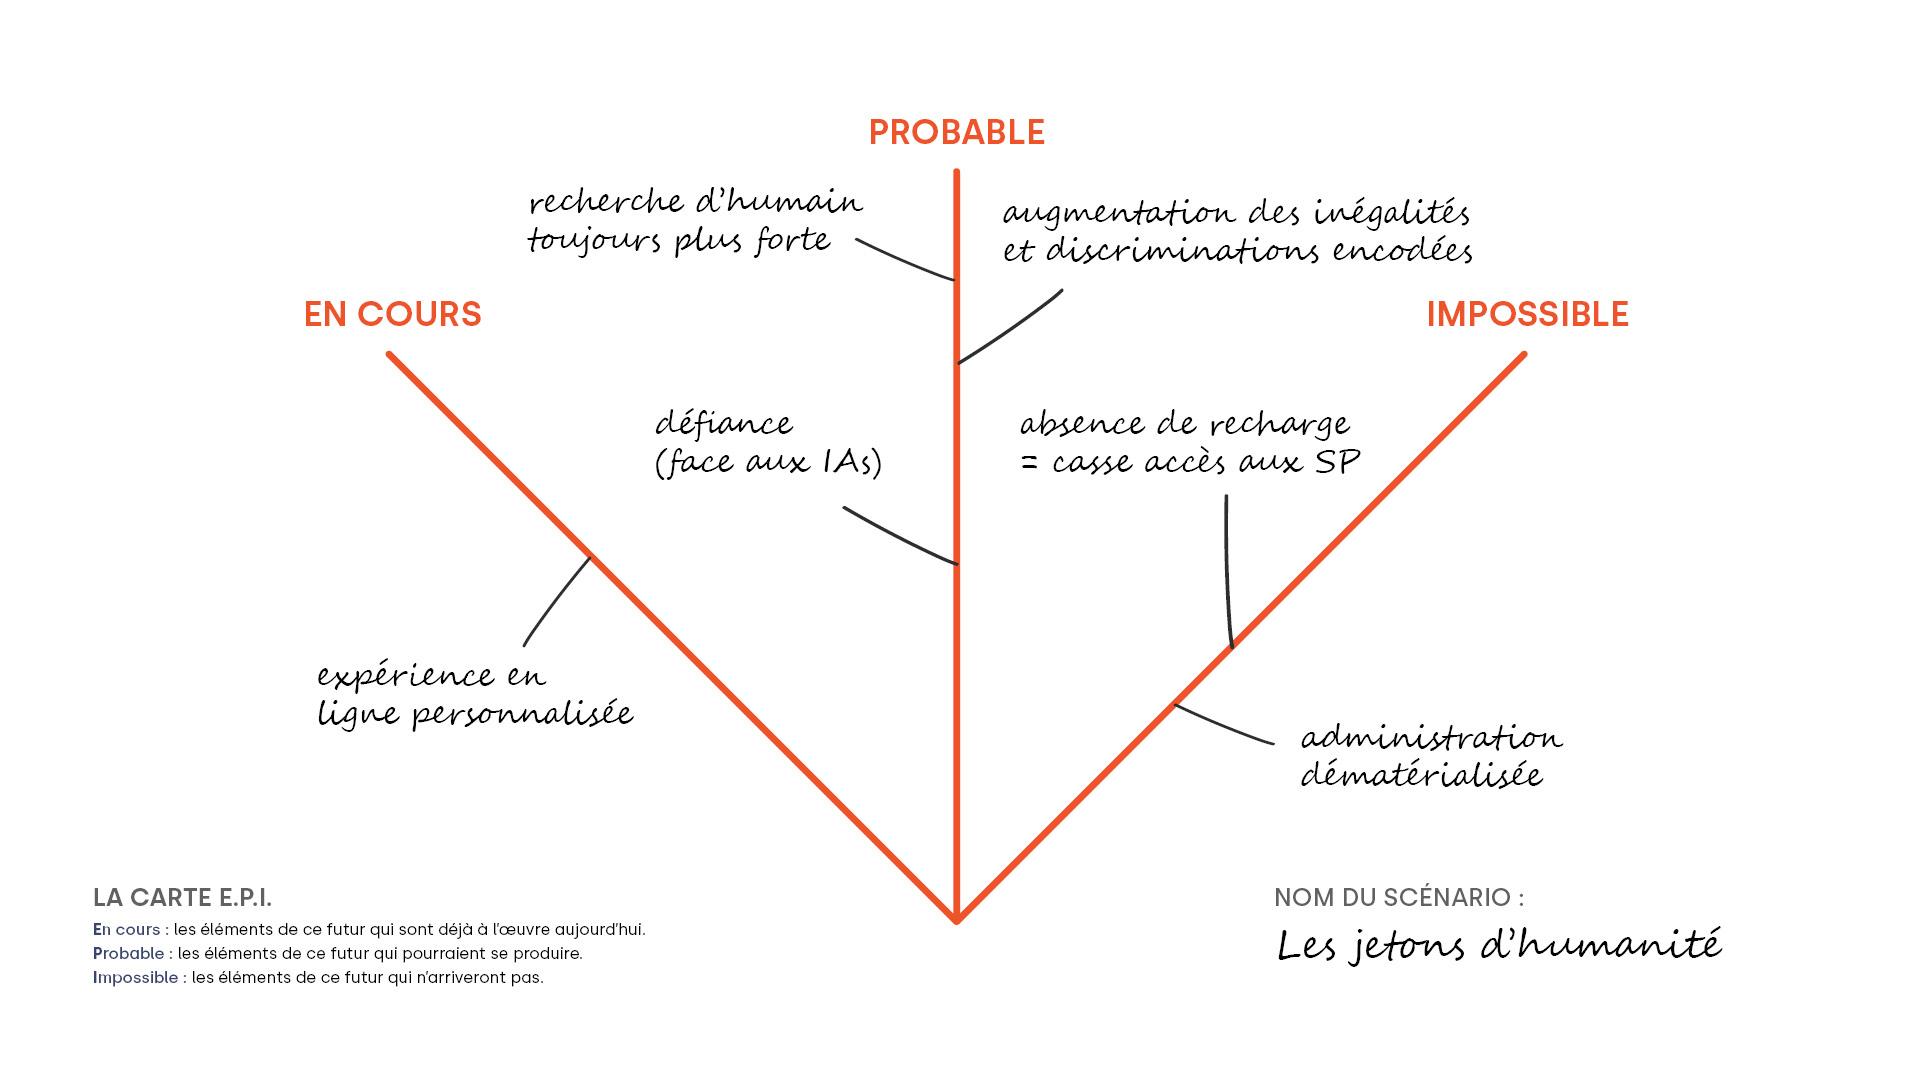 L'EPI : un format pour cartographier ce qui est en cours, probable, impossible dans un scénario